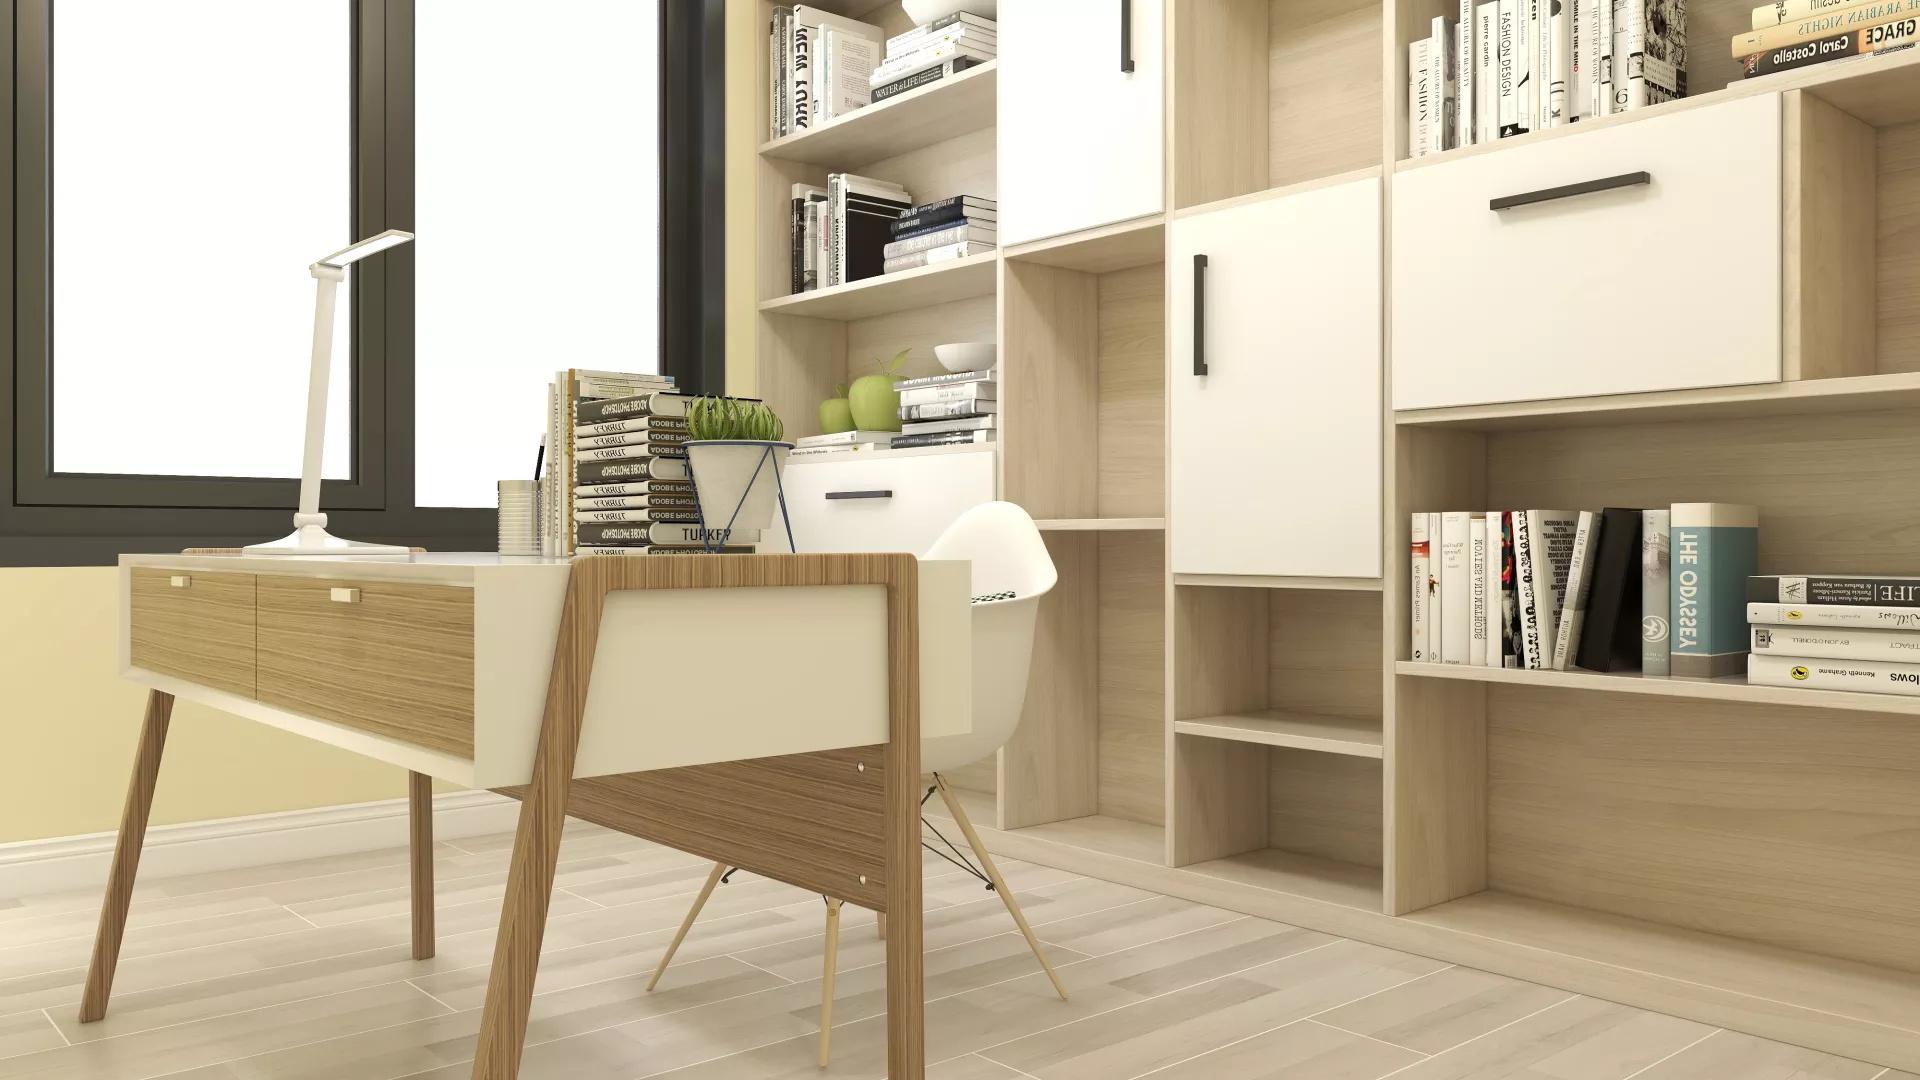 阳台装修设计的技巧  阳台储物柜怎么设计更实用